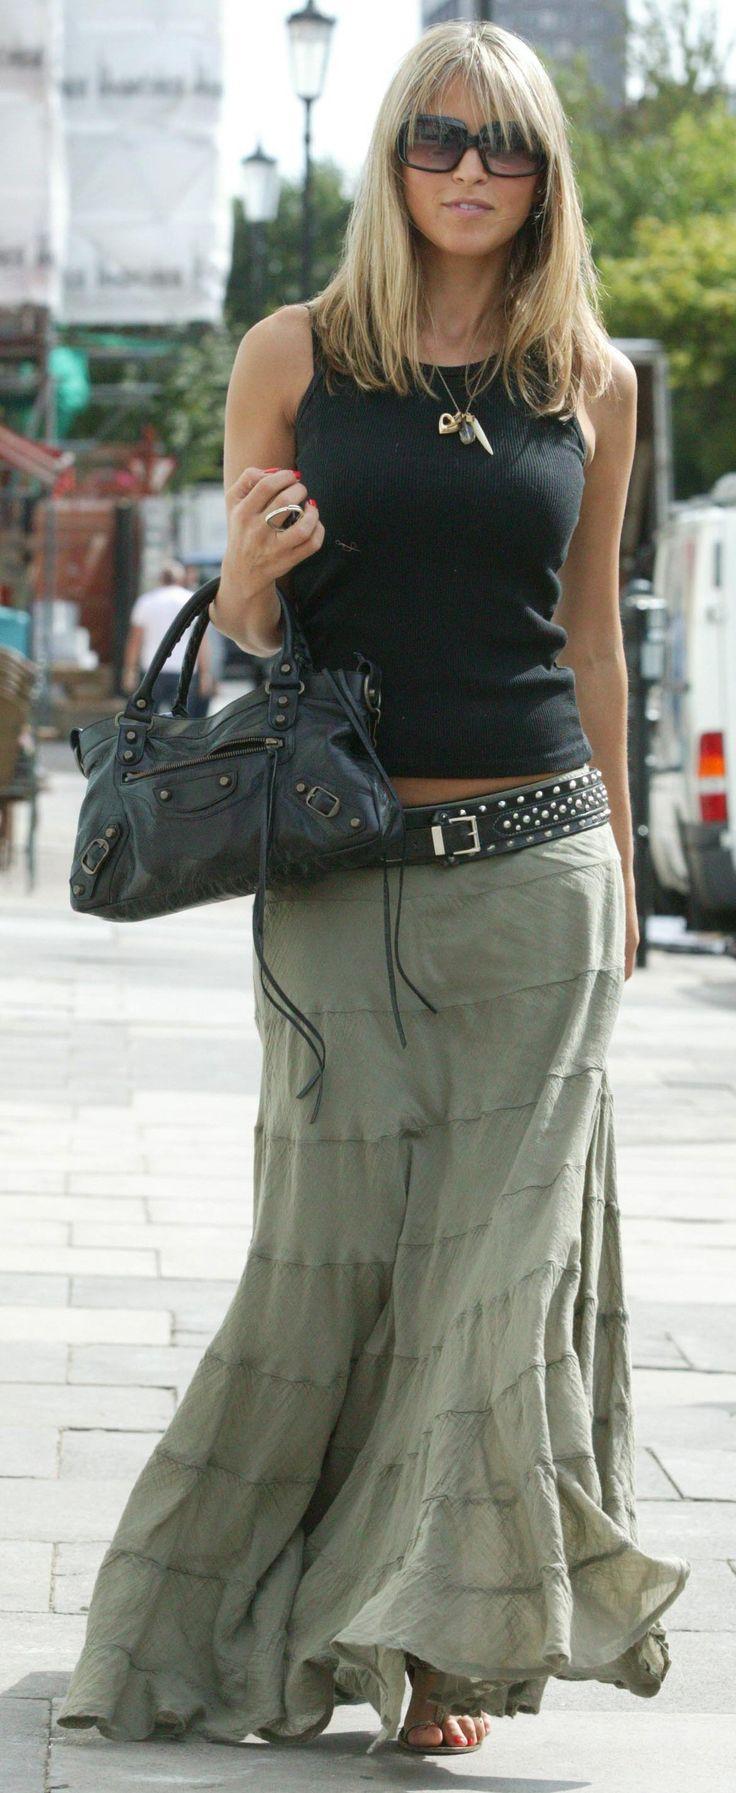 long skirt rachel stevens